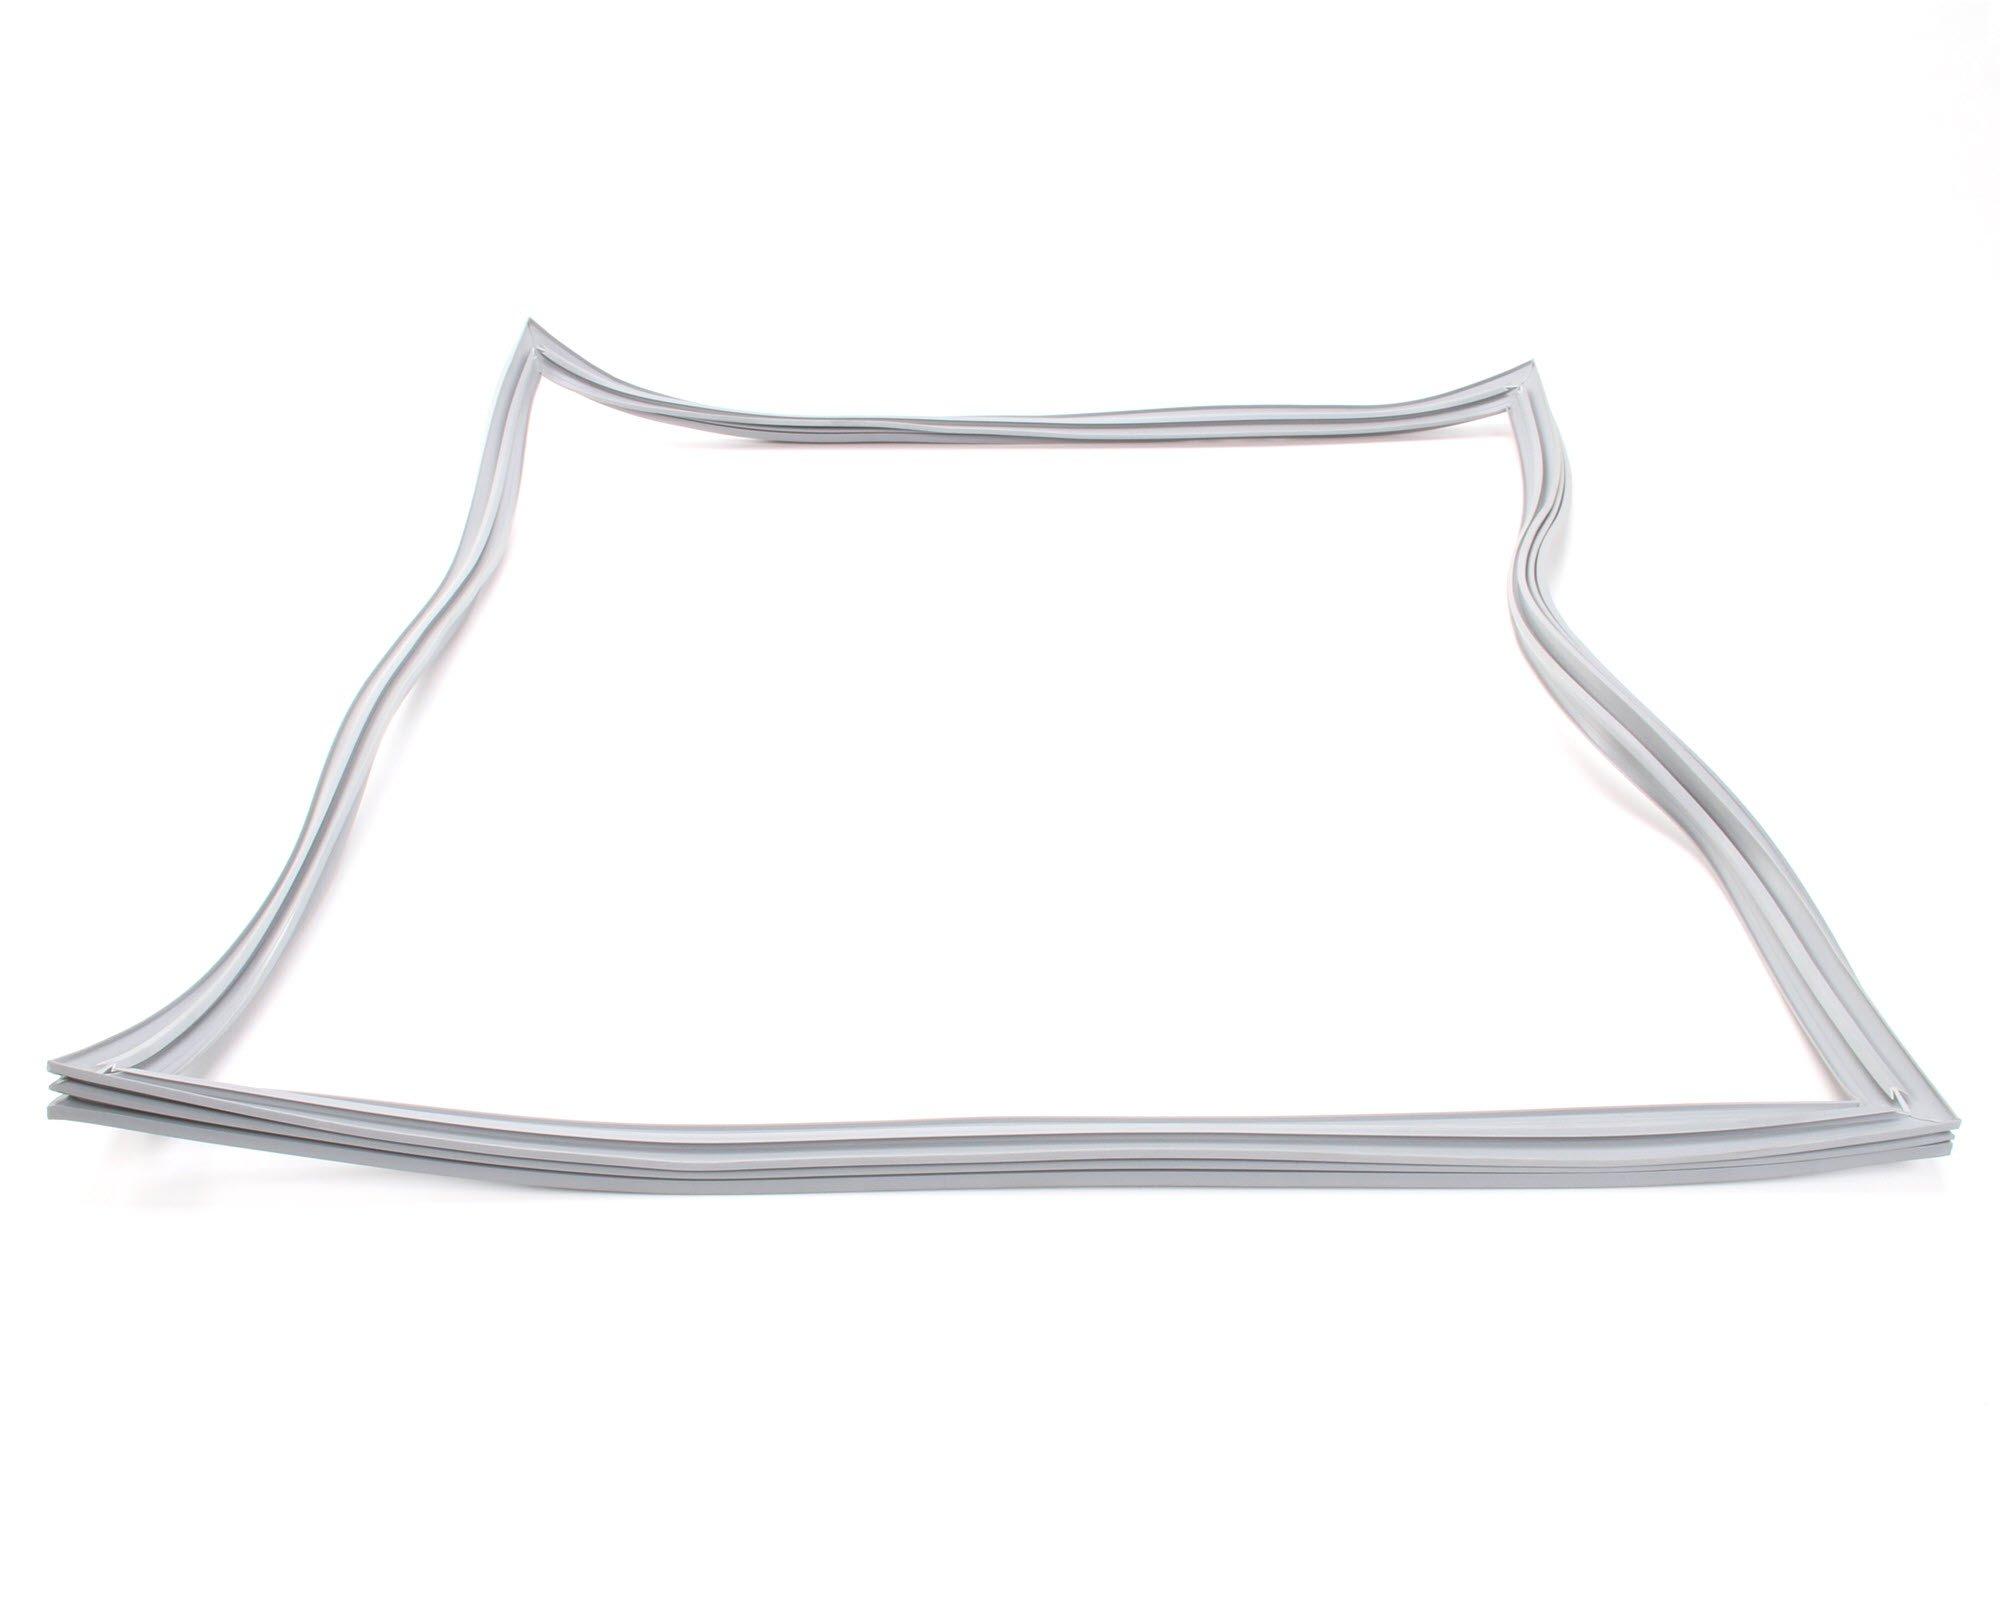 Delfield 1702202 Snap-In 1/2 Stainless Steel Door Gasket 24-1/2 X 29